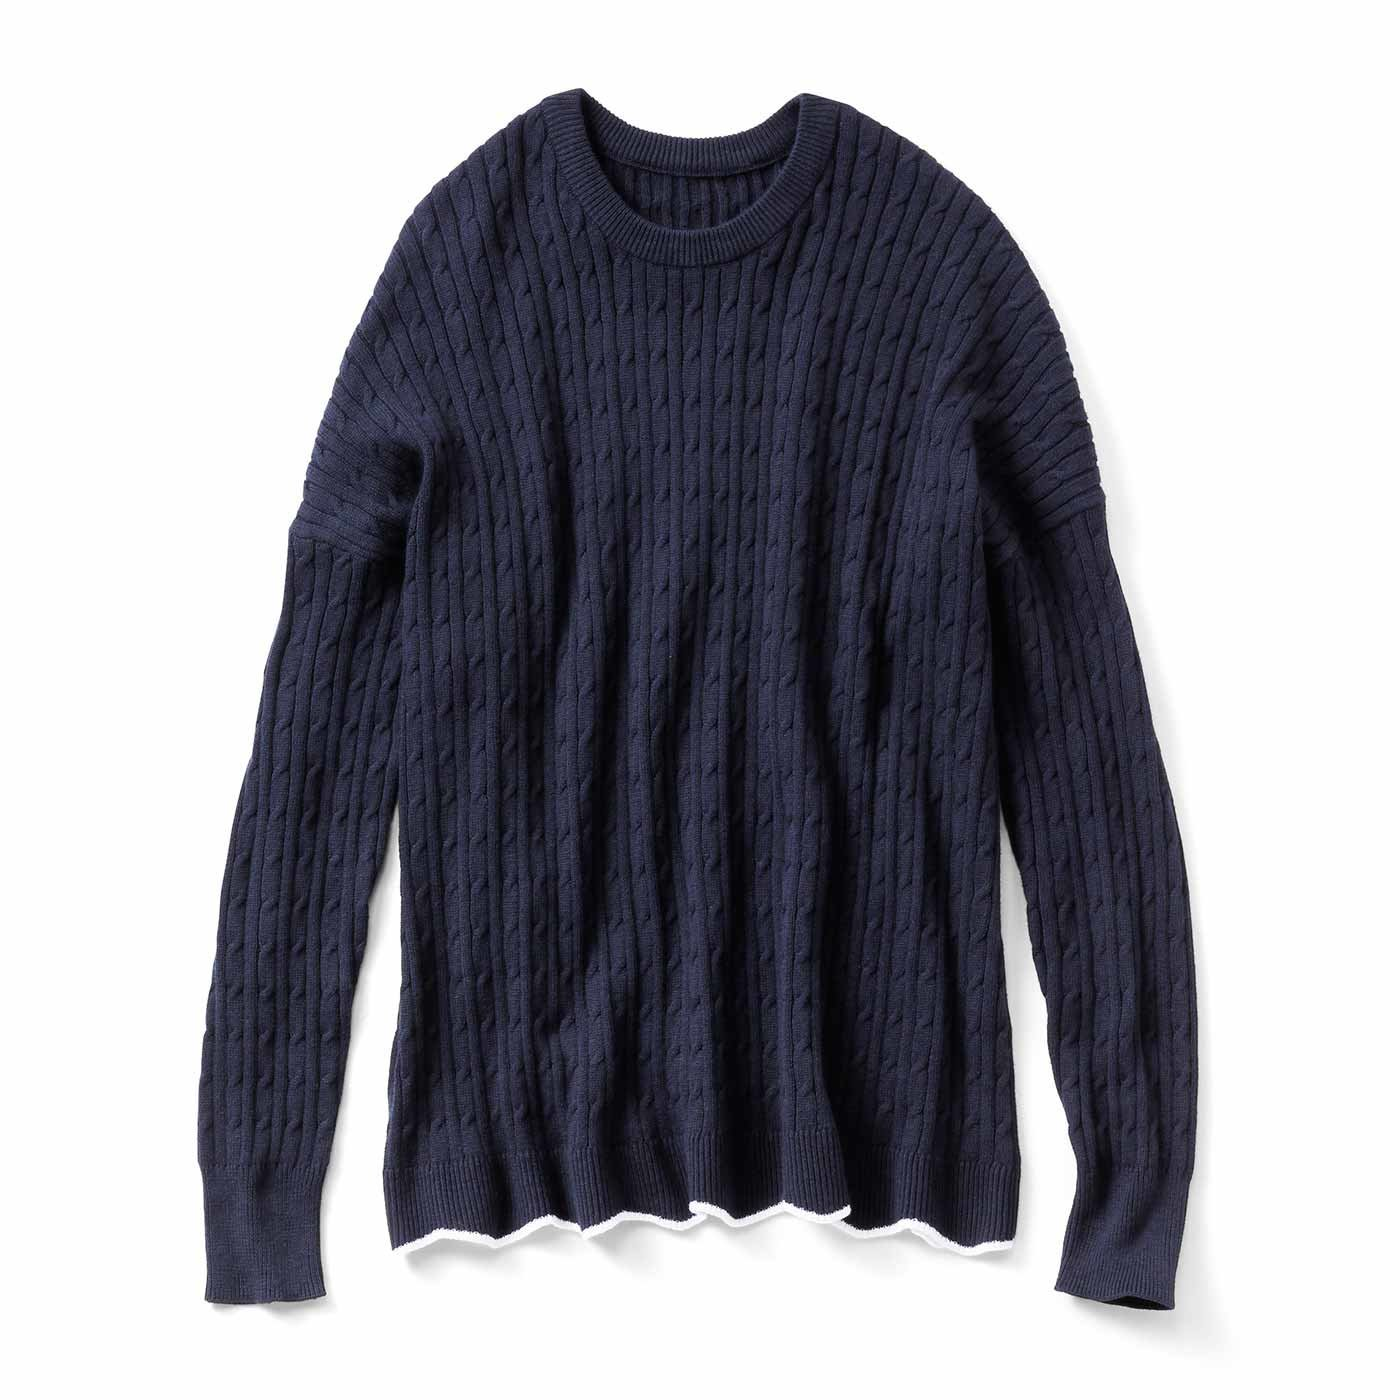 リブ イン コンフォート ゆったりラインで着こなしやすい 総柄ケーブル編みシルク混ニット〈ネイビー〉